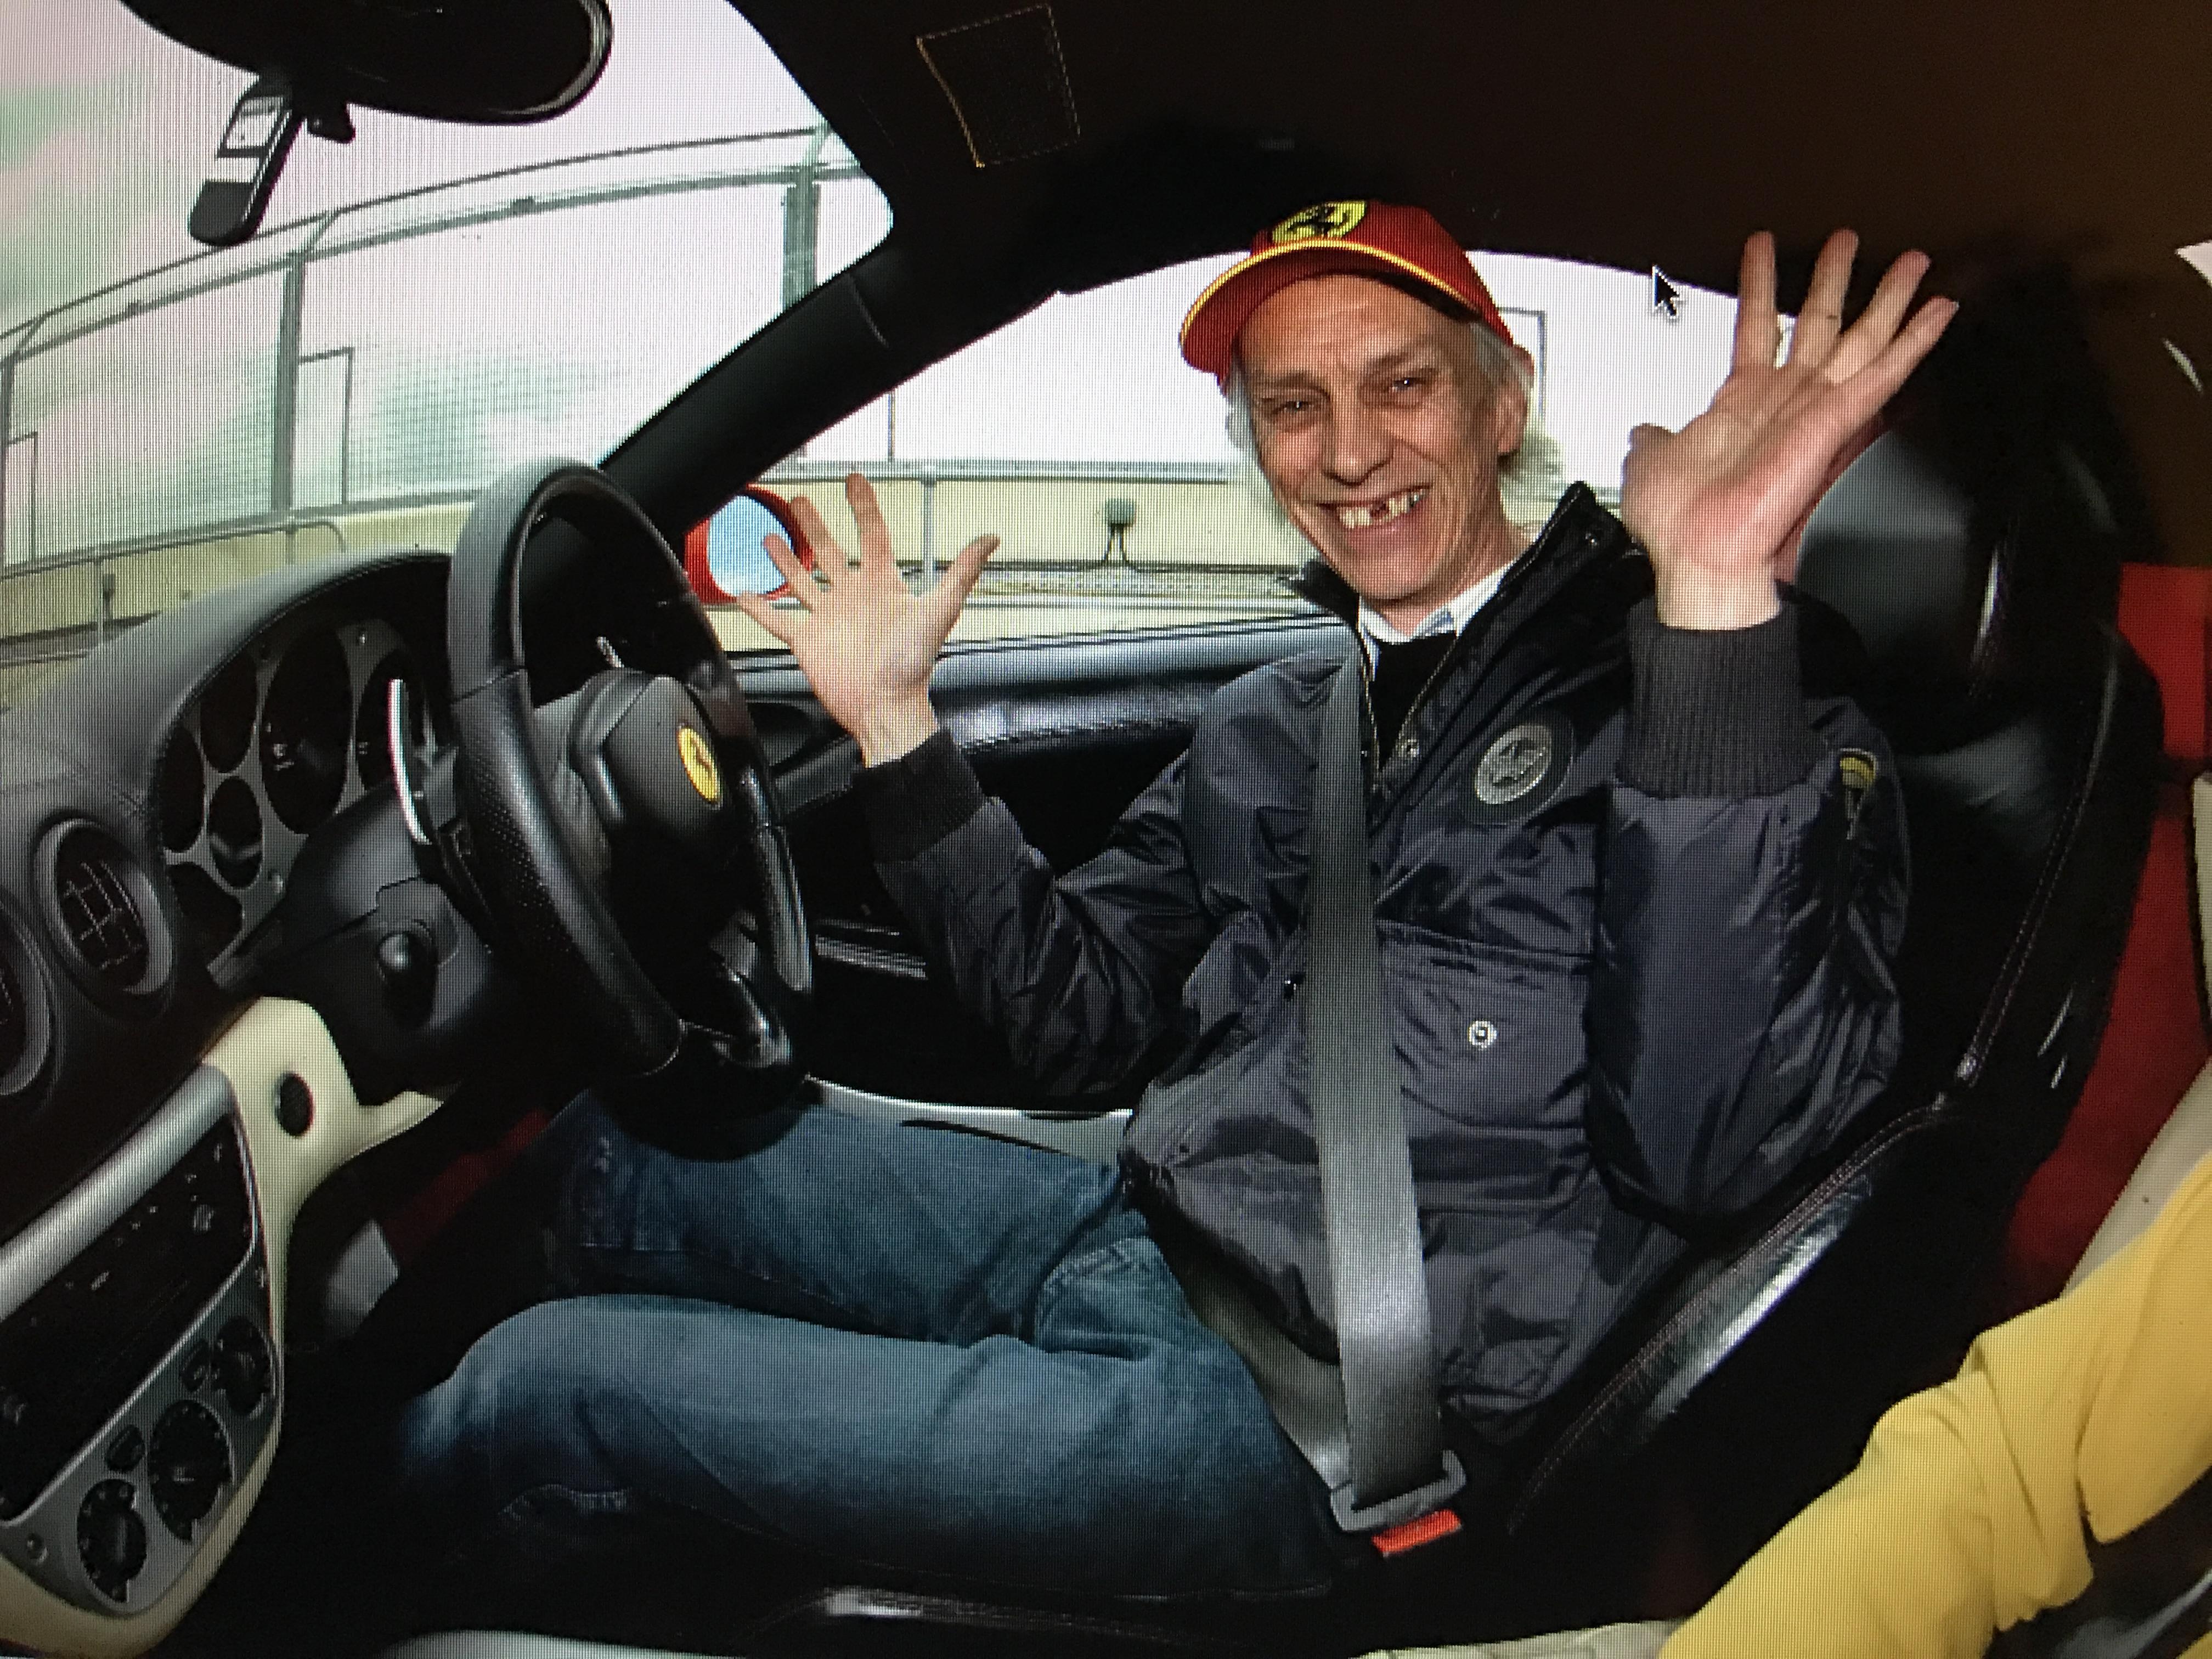 Father enjoying his Ferrari outing!